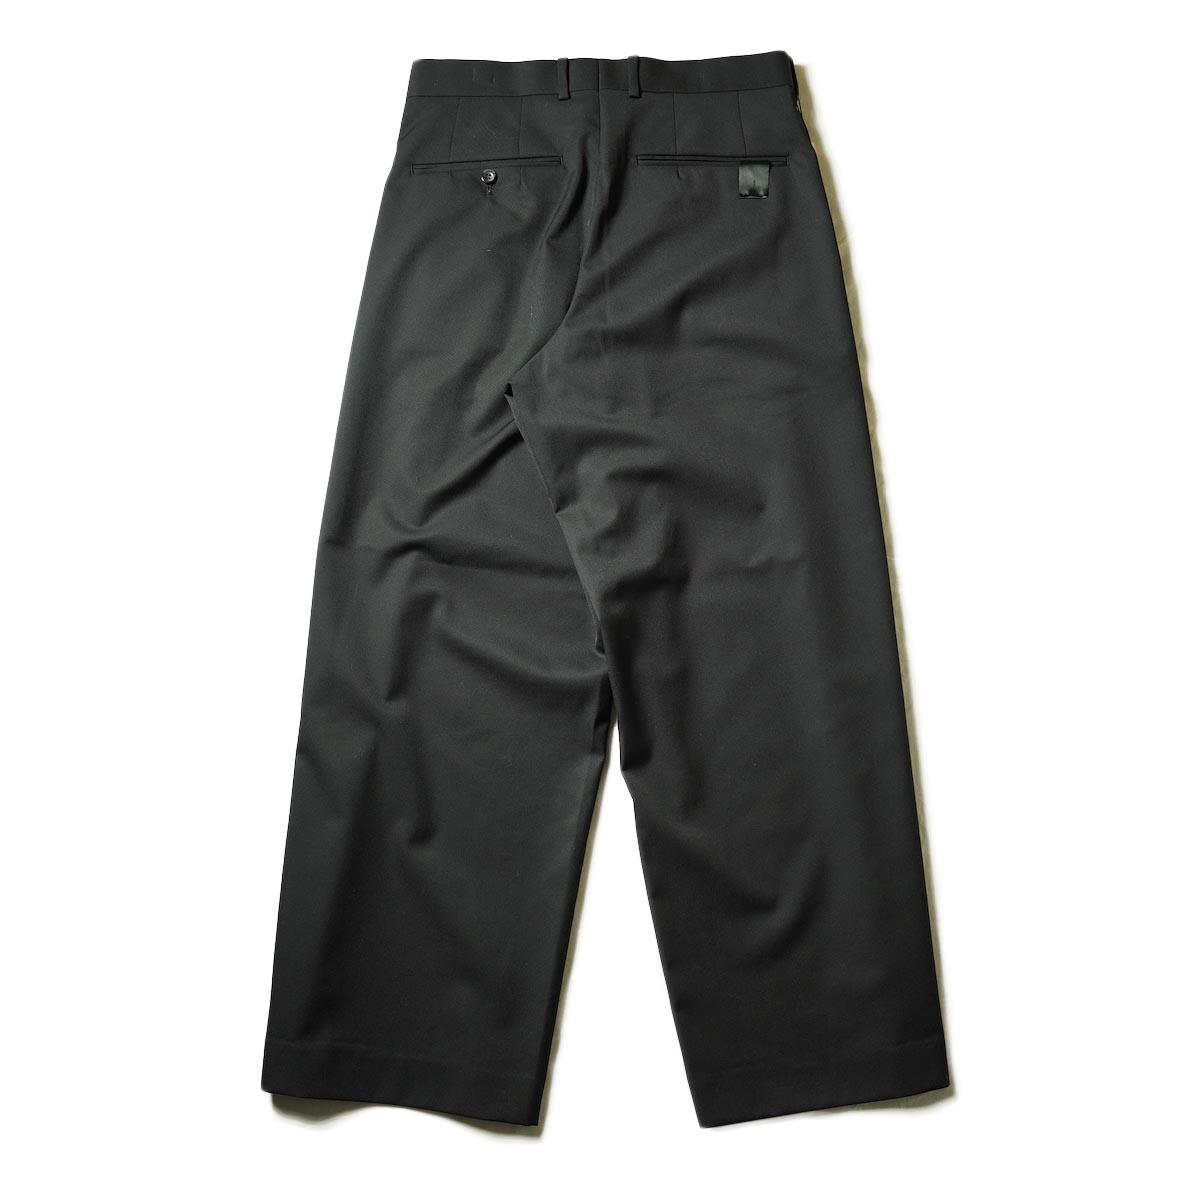 N.HOOLYWOOD / 2212-PT25-022 1TUCK SLACKS (Black)背面